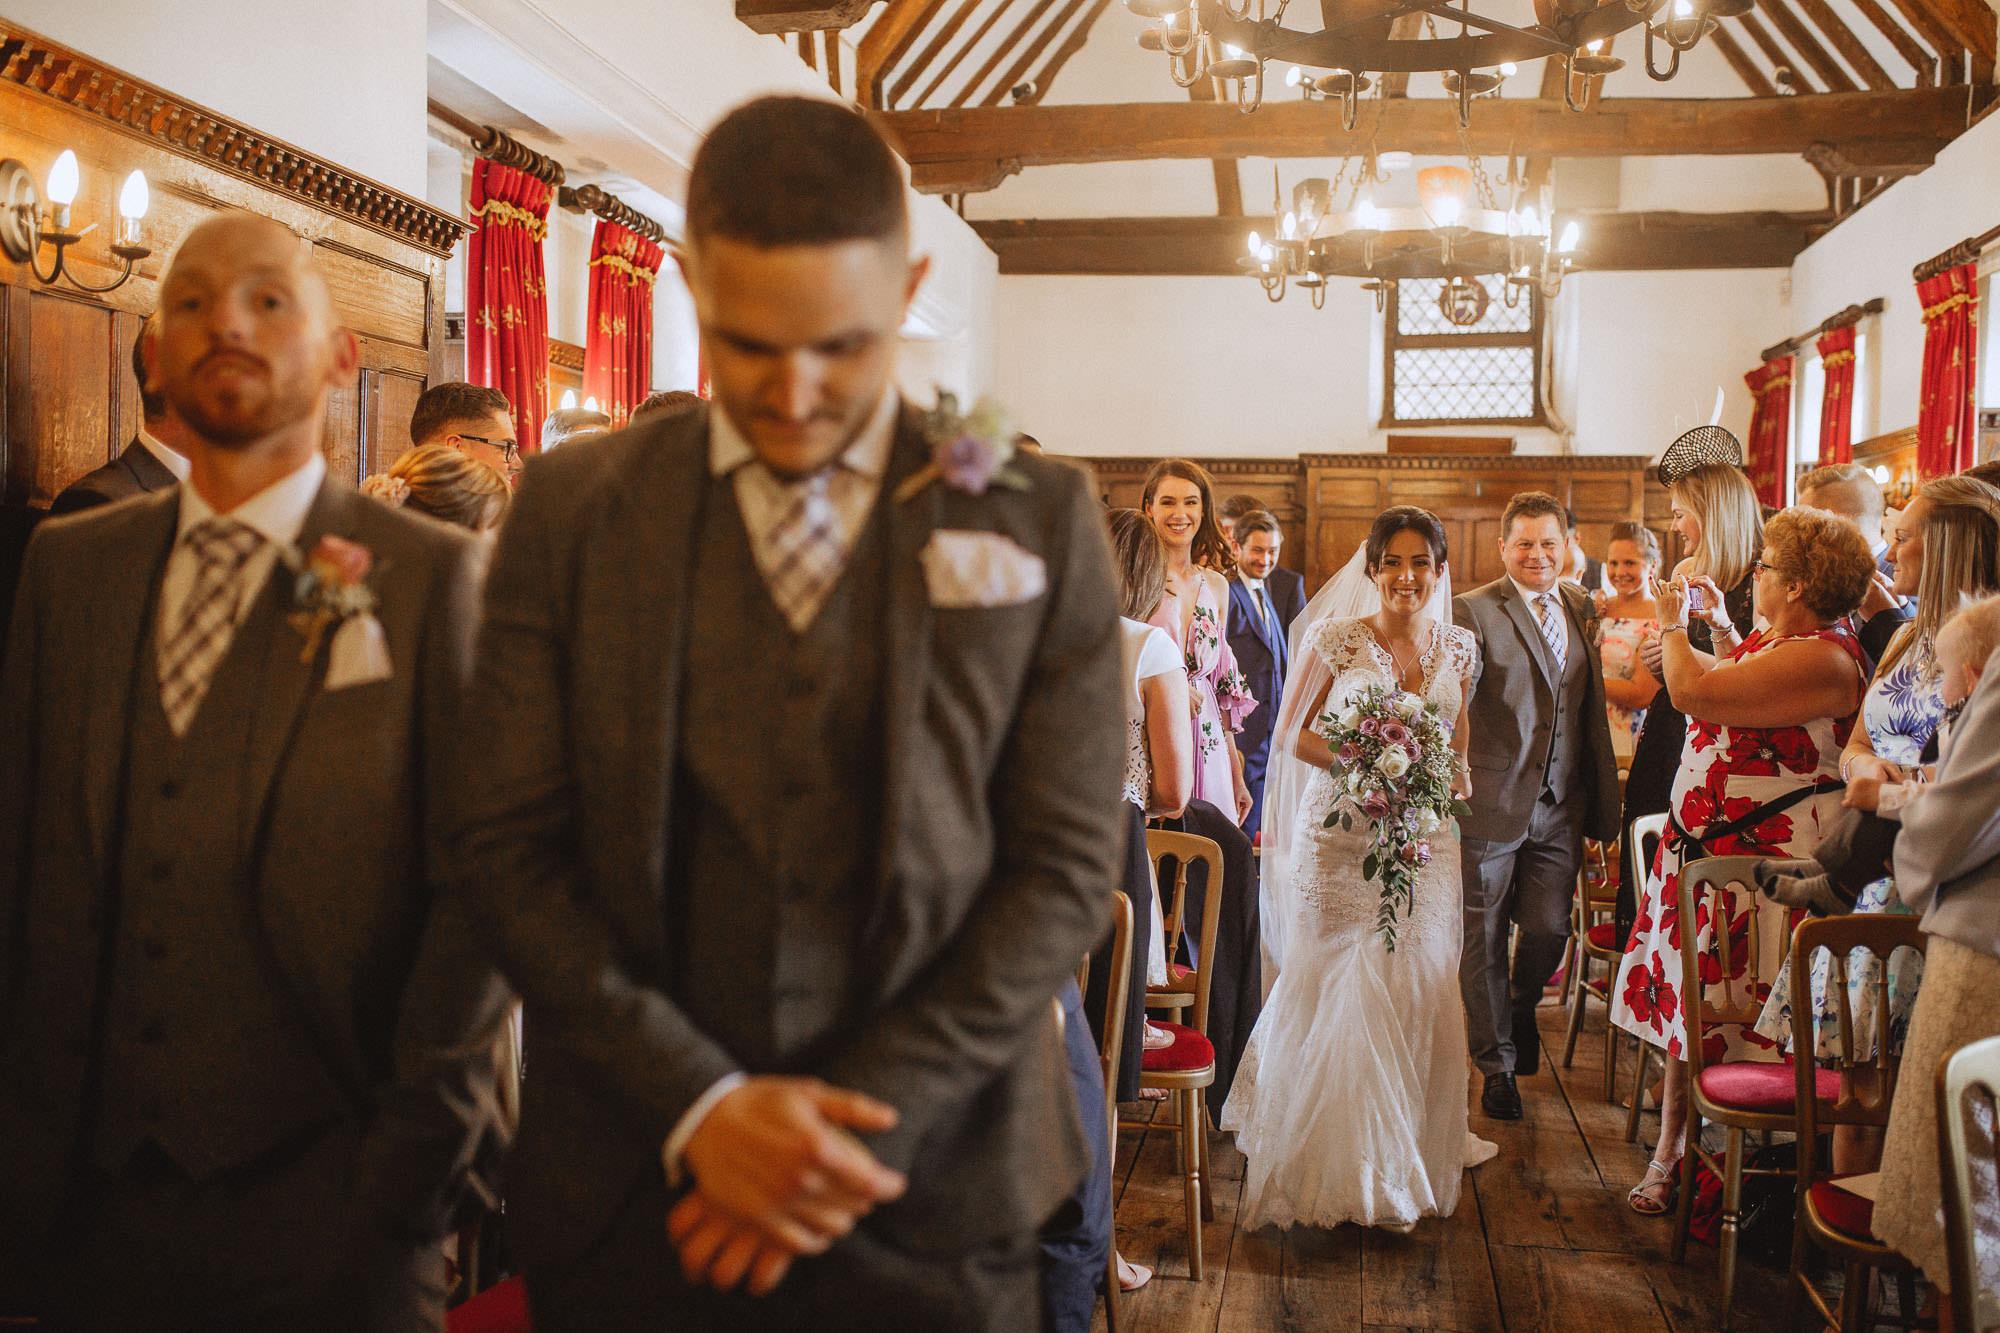 Groombridge-place-wedding-photography-26.jpg